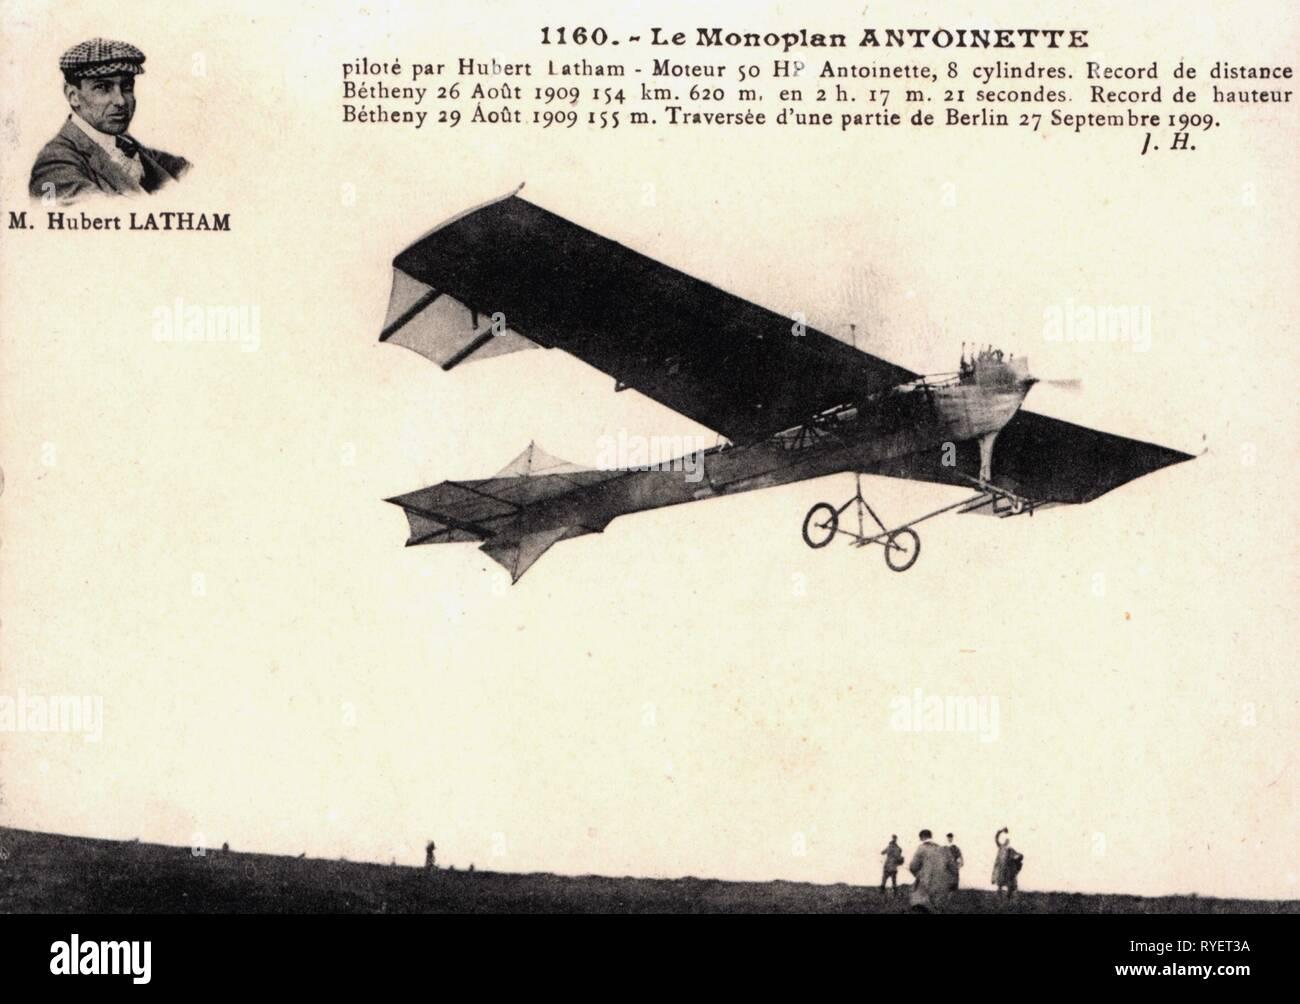 Transport / Transports, aviation, avion de sport, Antoinette VI, design: Leon Levavasseur, 1909, avec portrait de pilot Hubert Latham, photo carte postale, France, 1910, Additional-Rights Clearance-Info-Not-Available- Banque D'Images